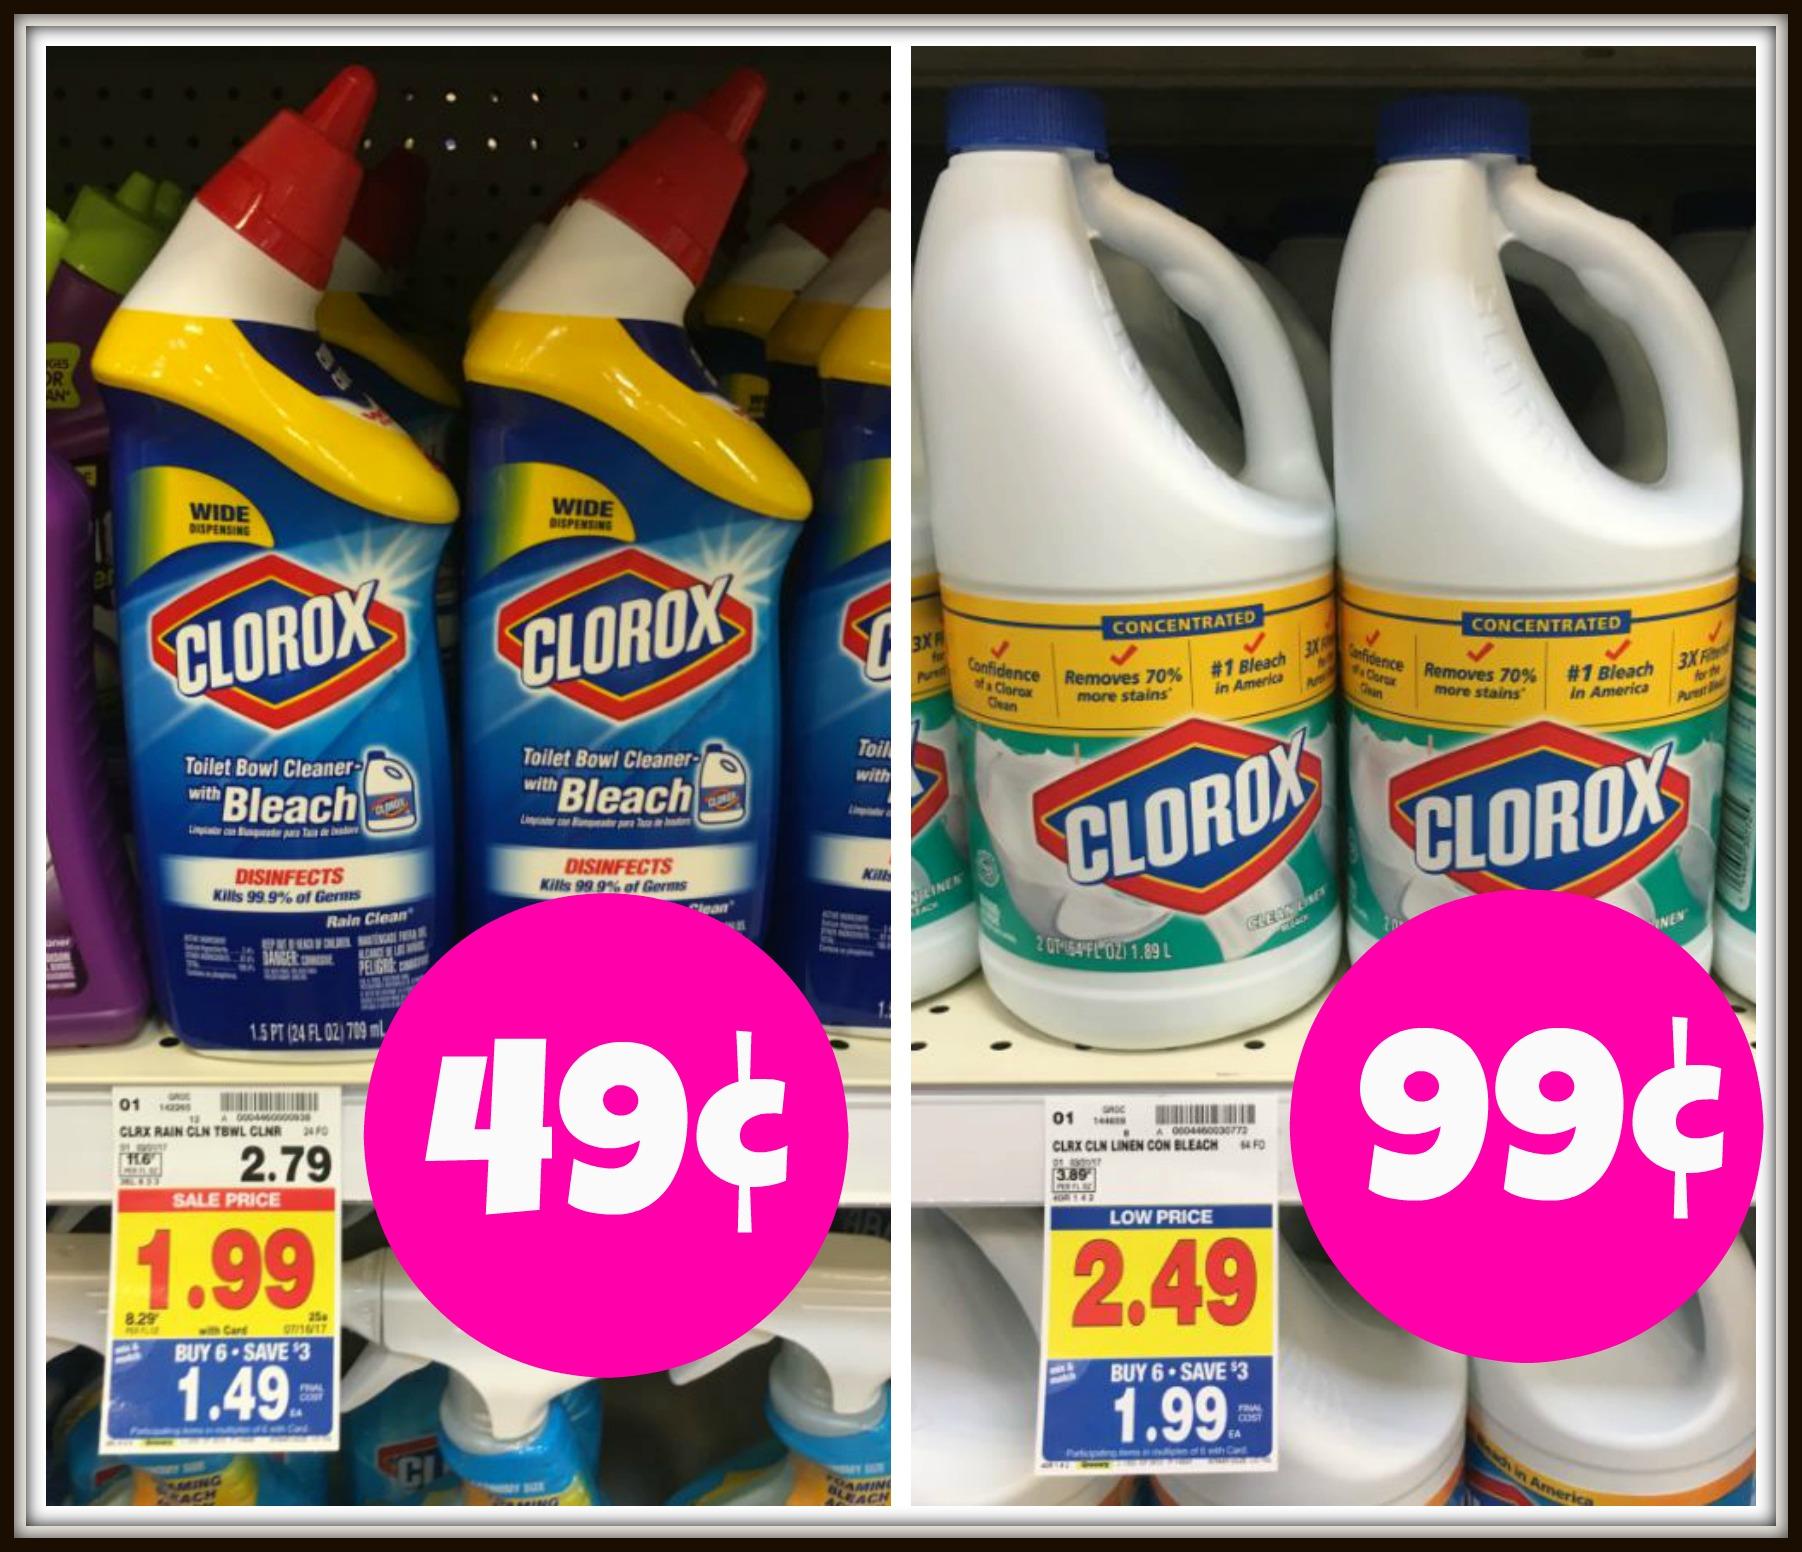 Clorox bleach coupons